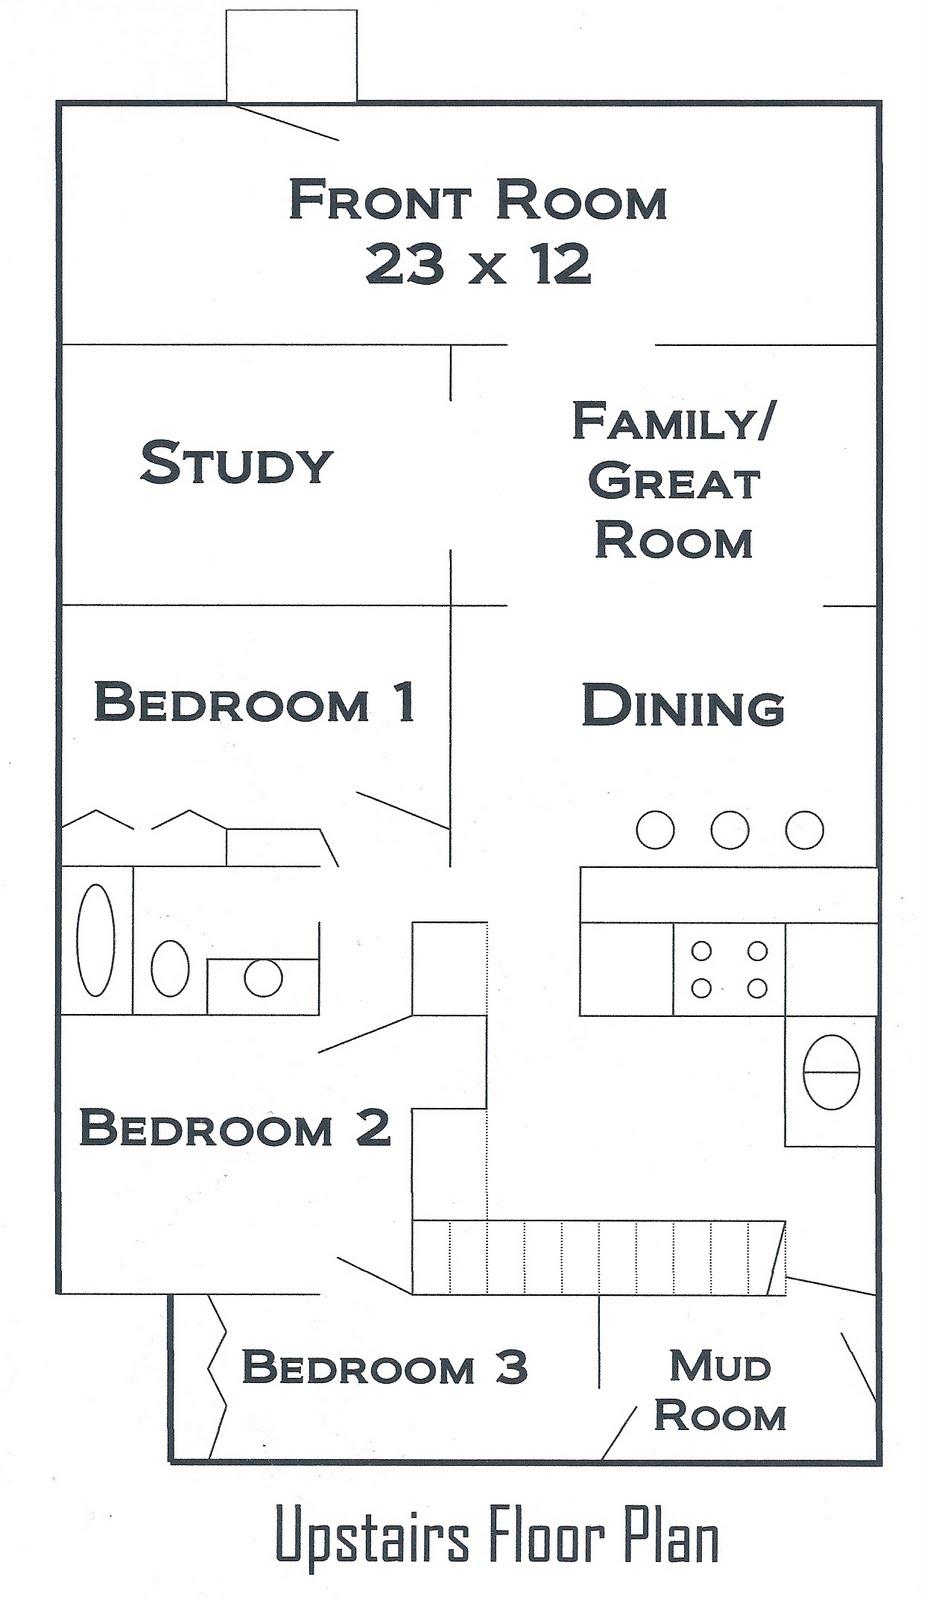 1 bedroom basement apartment floor plans apartment - 1 bedroom basement apartment floor plans ...